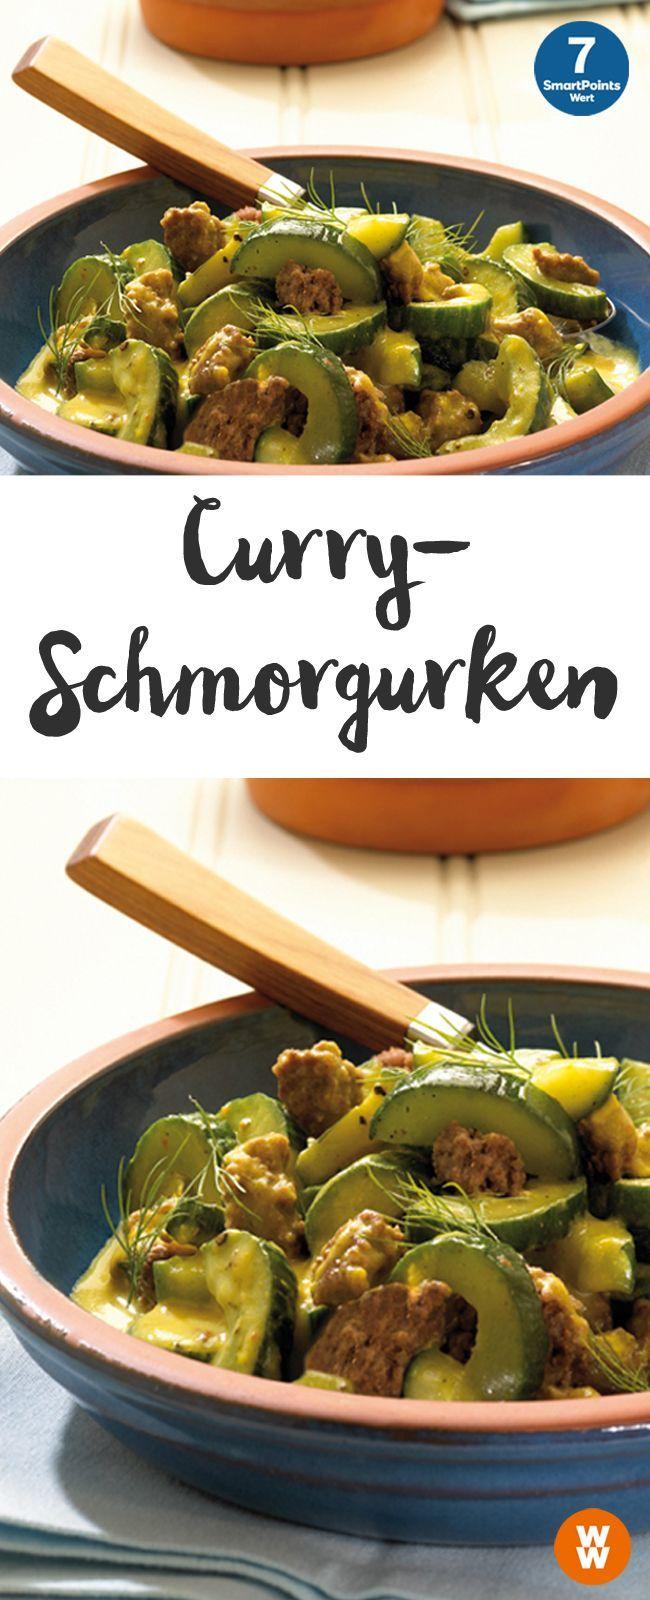 Leckere Curryschmorgurken | 4 Portionen, 7 SmartPoints/Portion ...